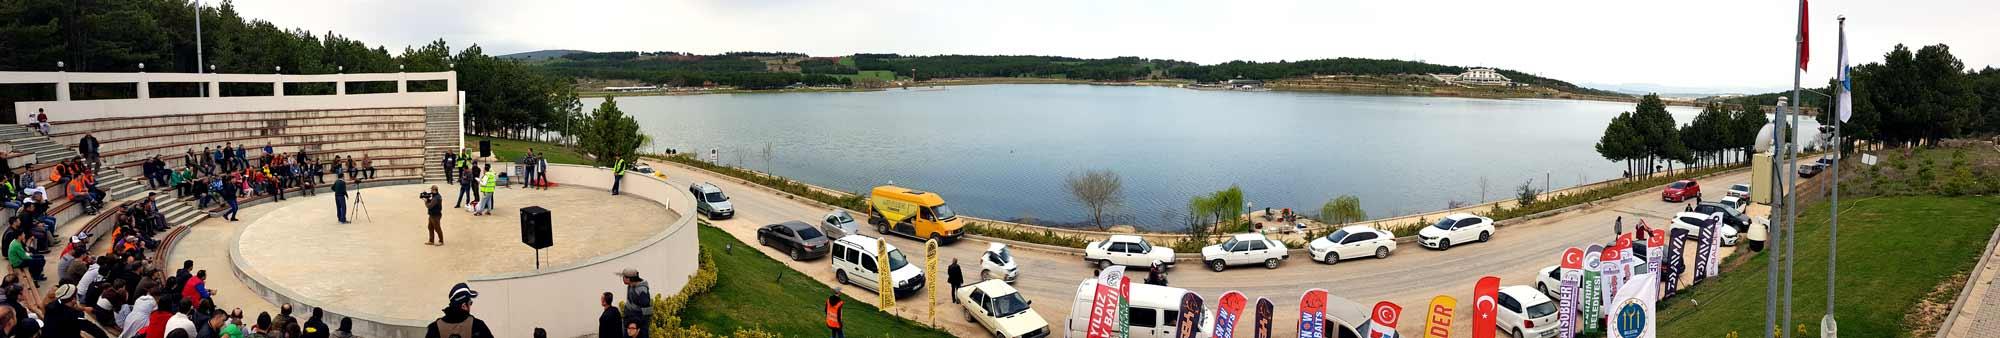 pelitözü-gölü-balık-turnuva